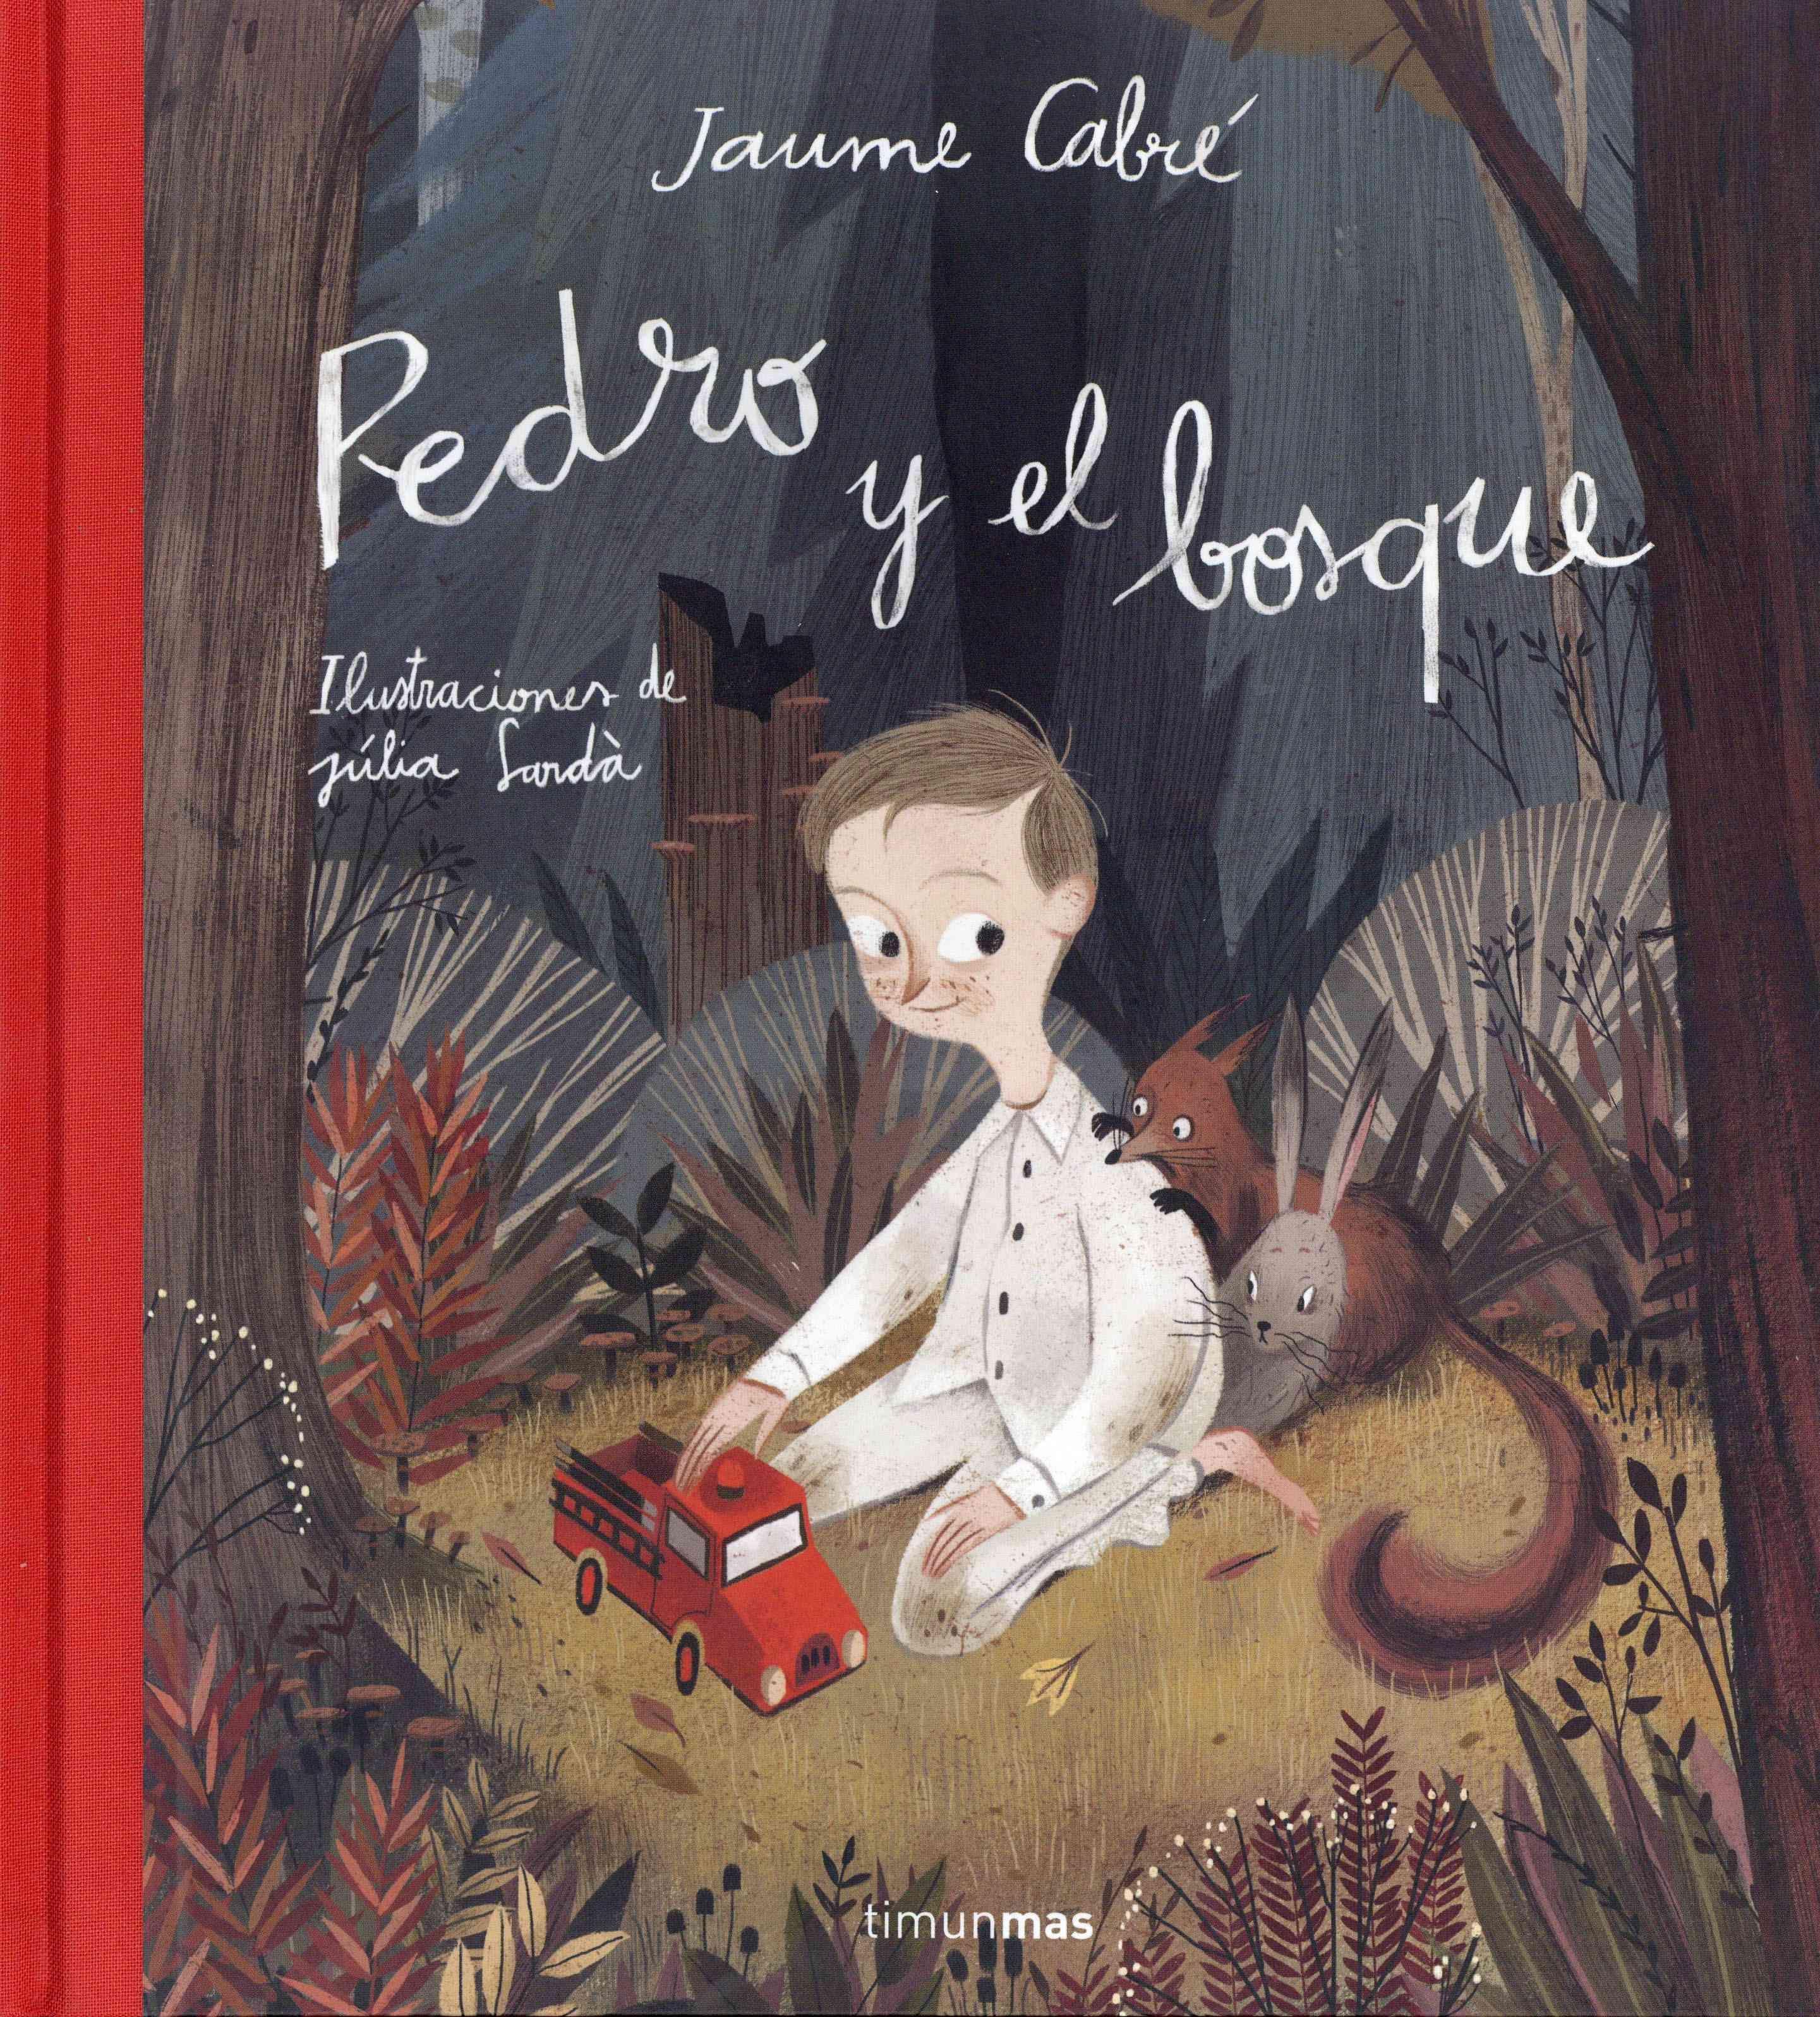 Pedro y el bosque/ Pedro and the